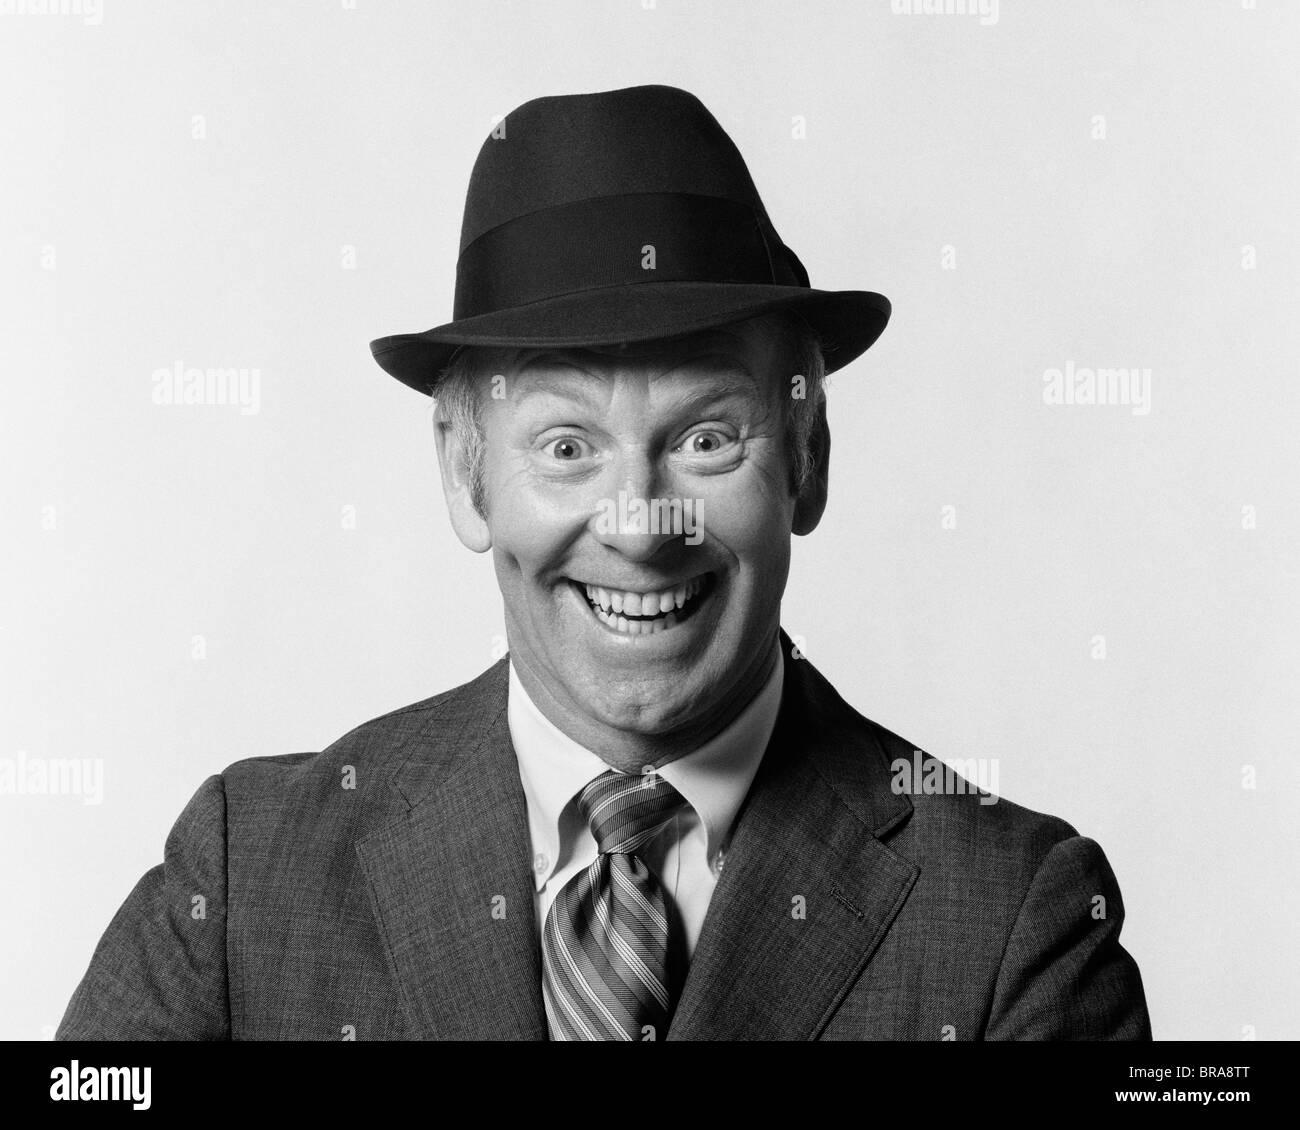 1960 Hombre sonriente vestidos de traje y sombrero con tonto ansiosos la expresión facial Foto de stock